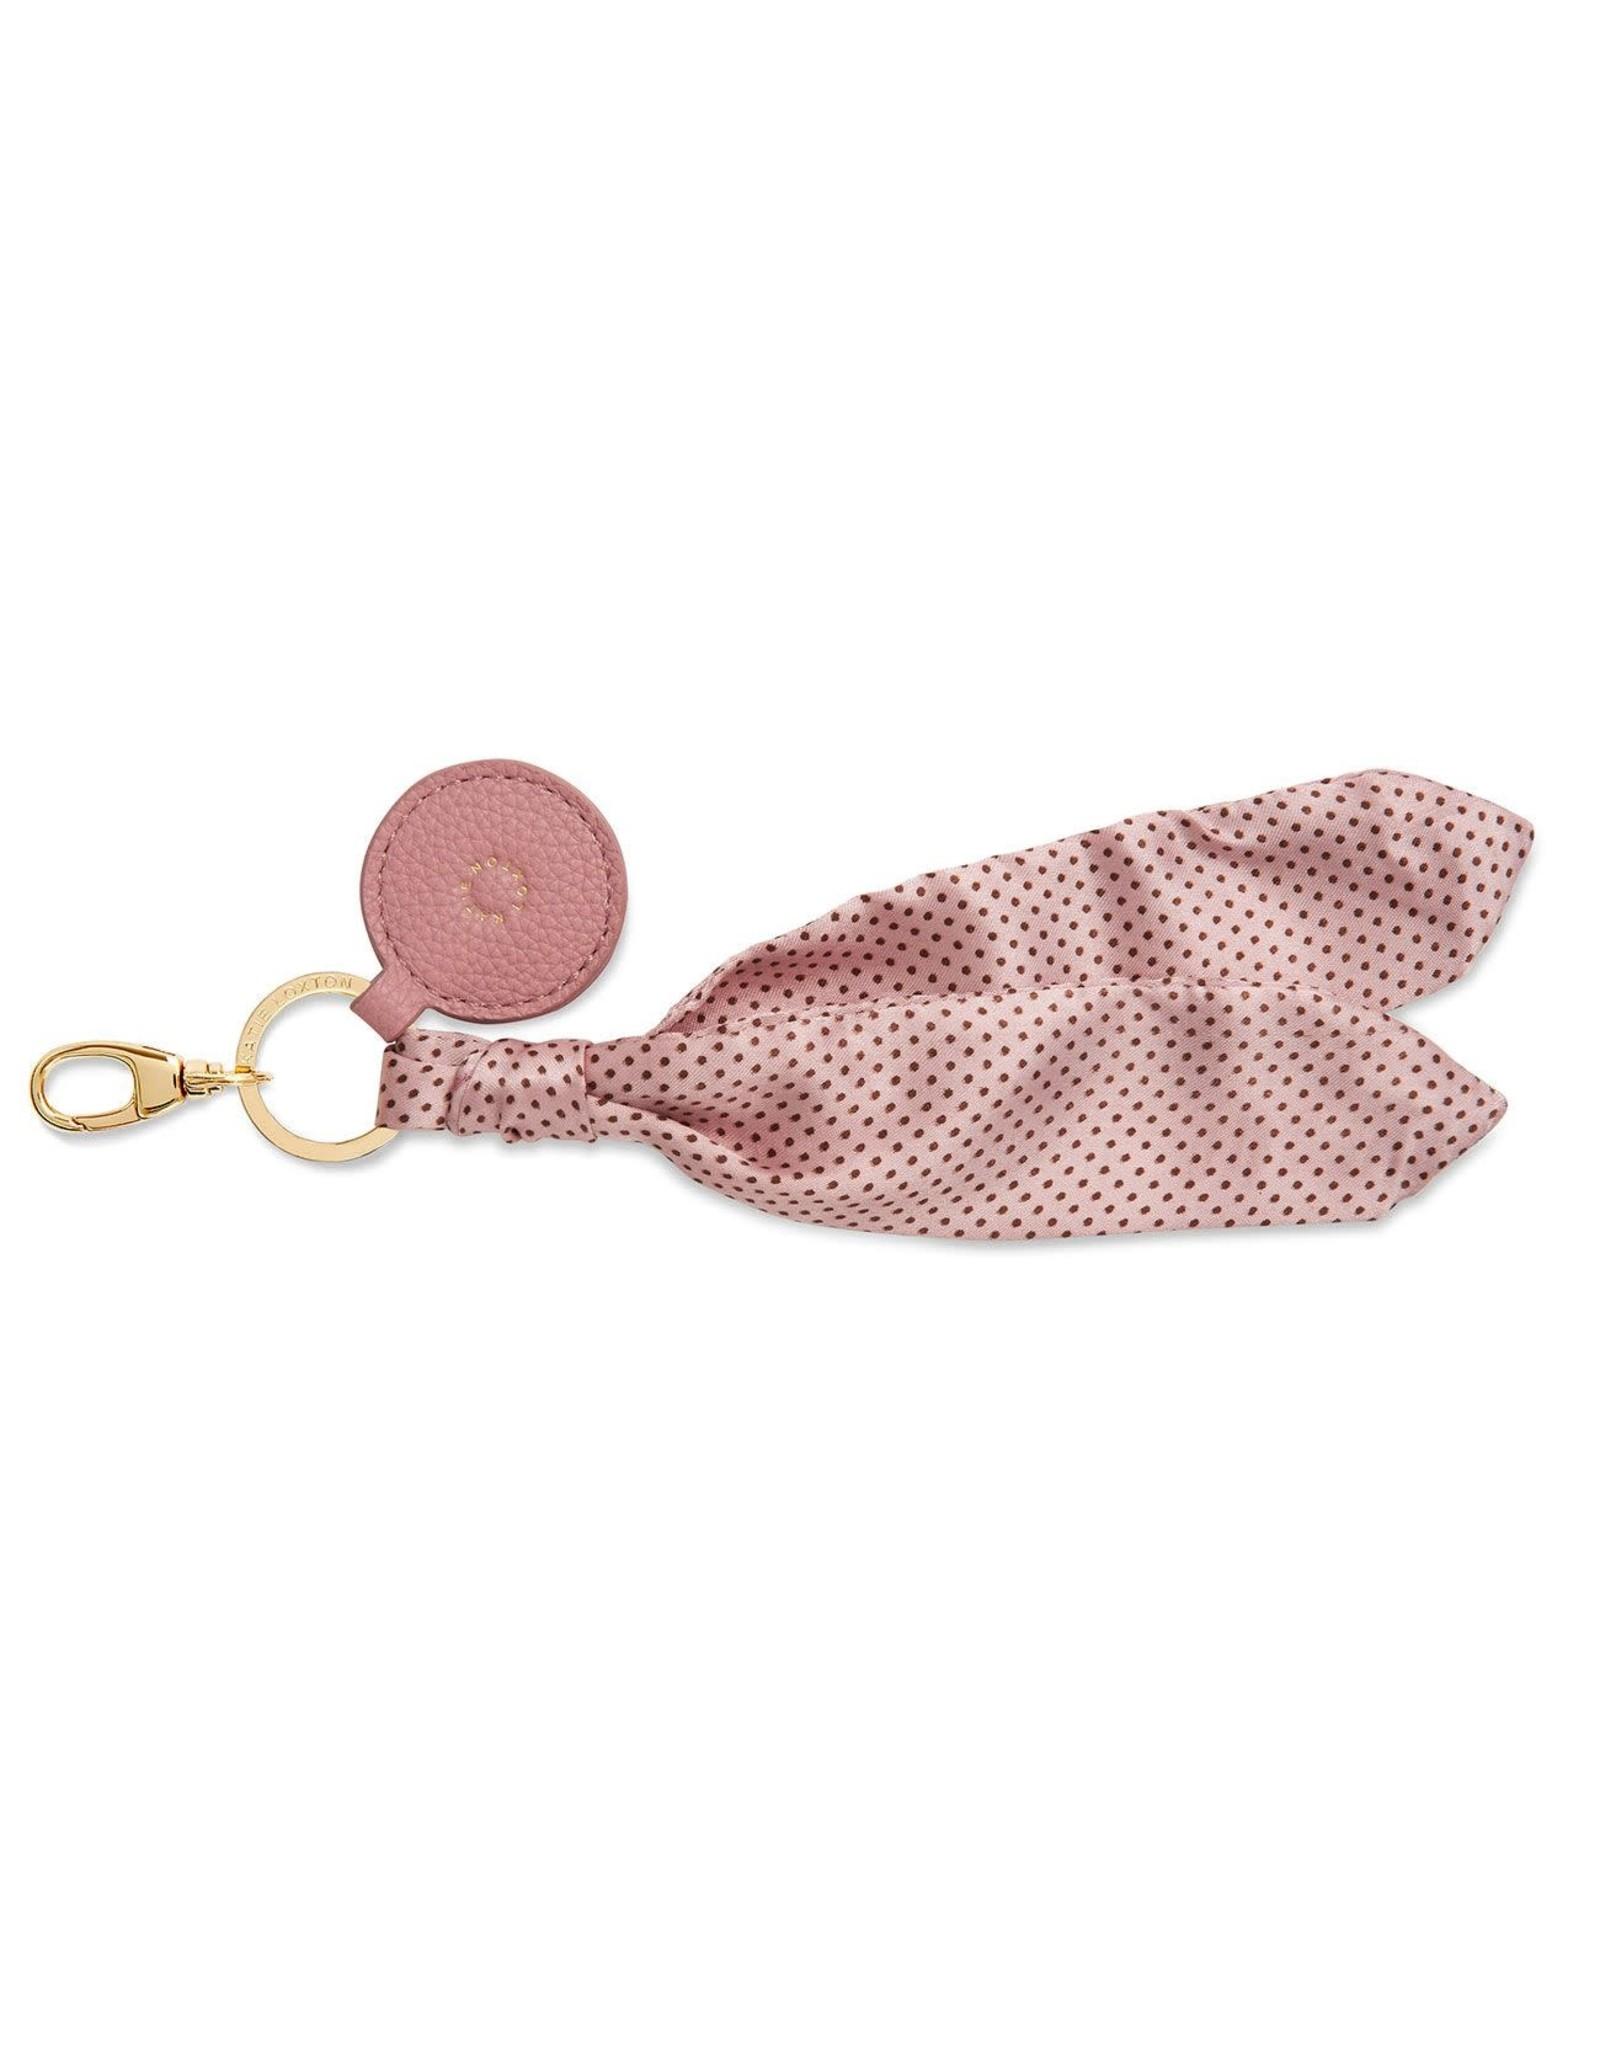 Katie Loxton Bag Charm - Scarf Pink Spot